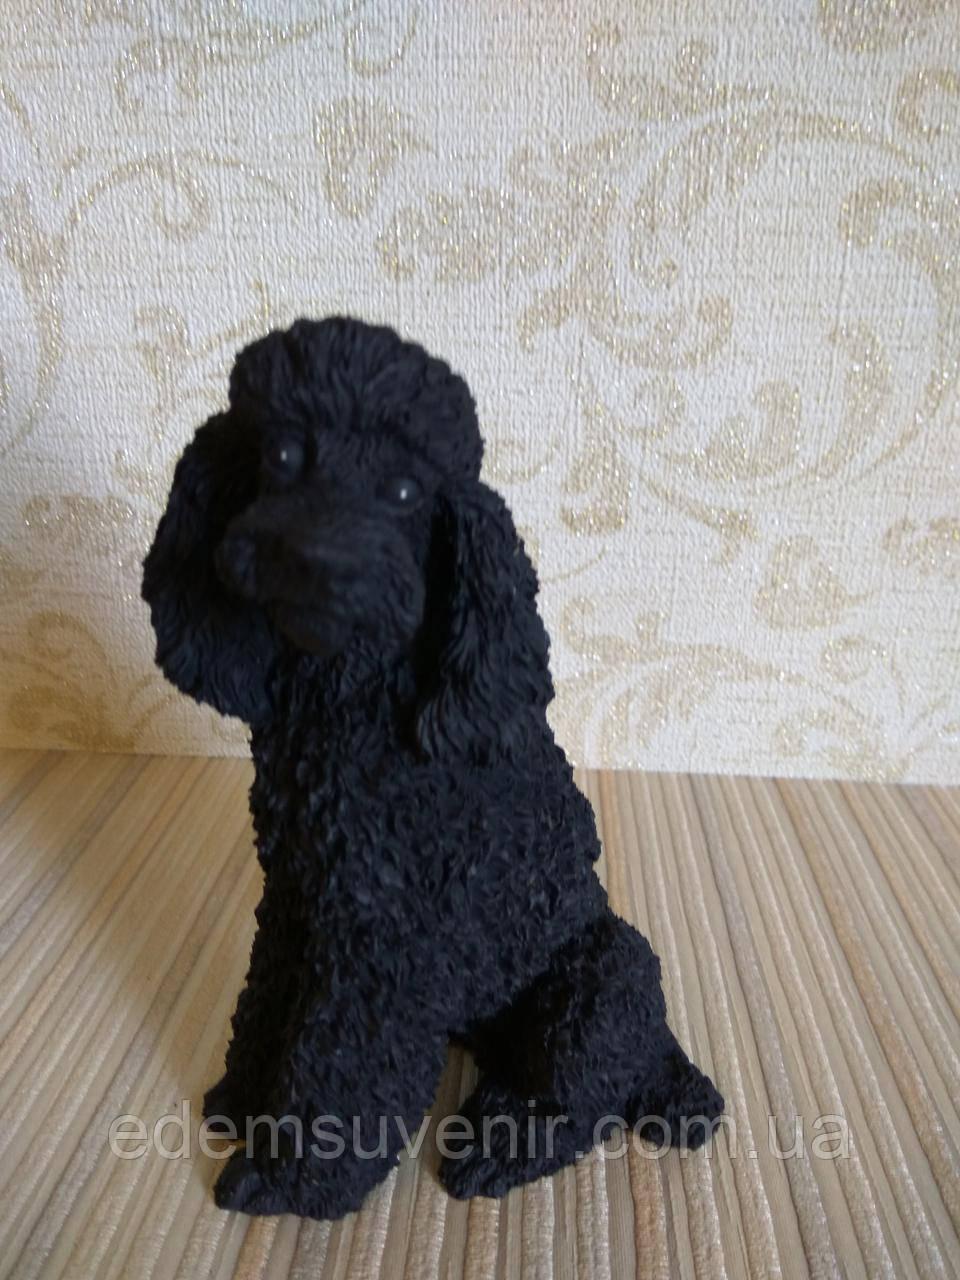 Статуэтка собачка пудель черный